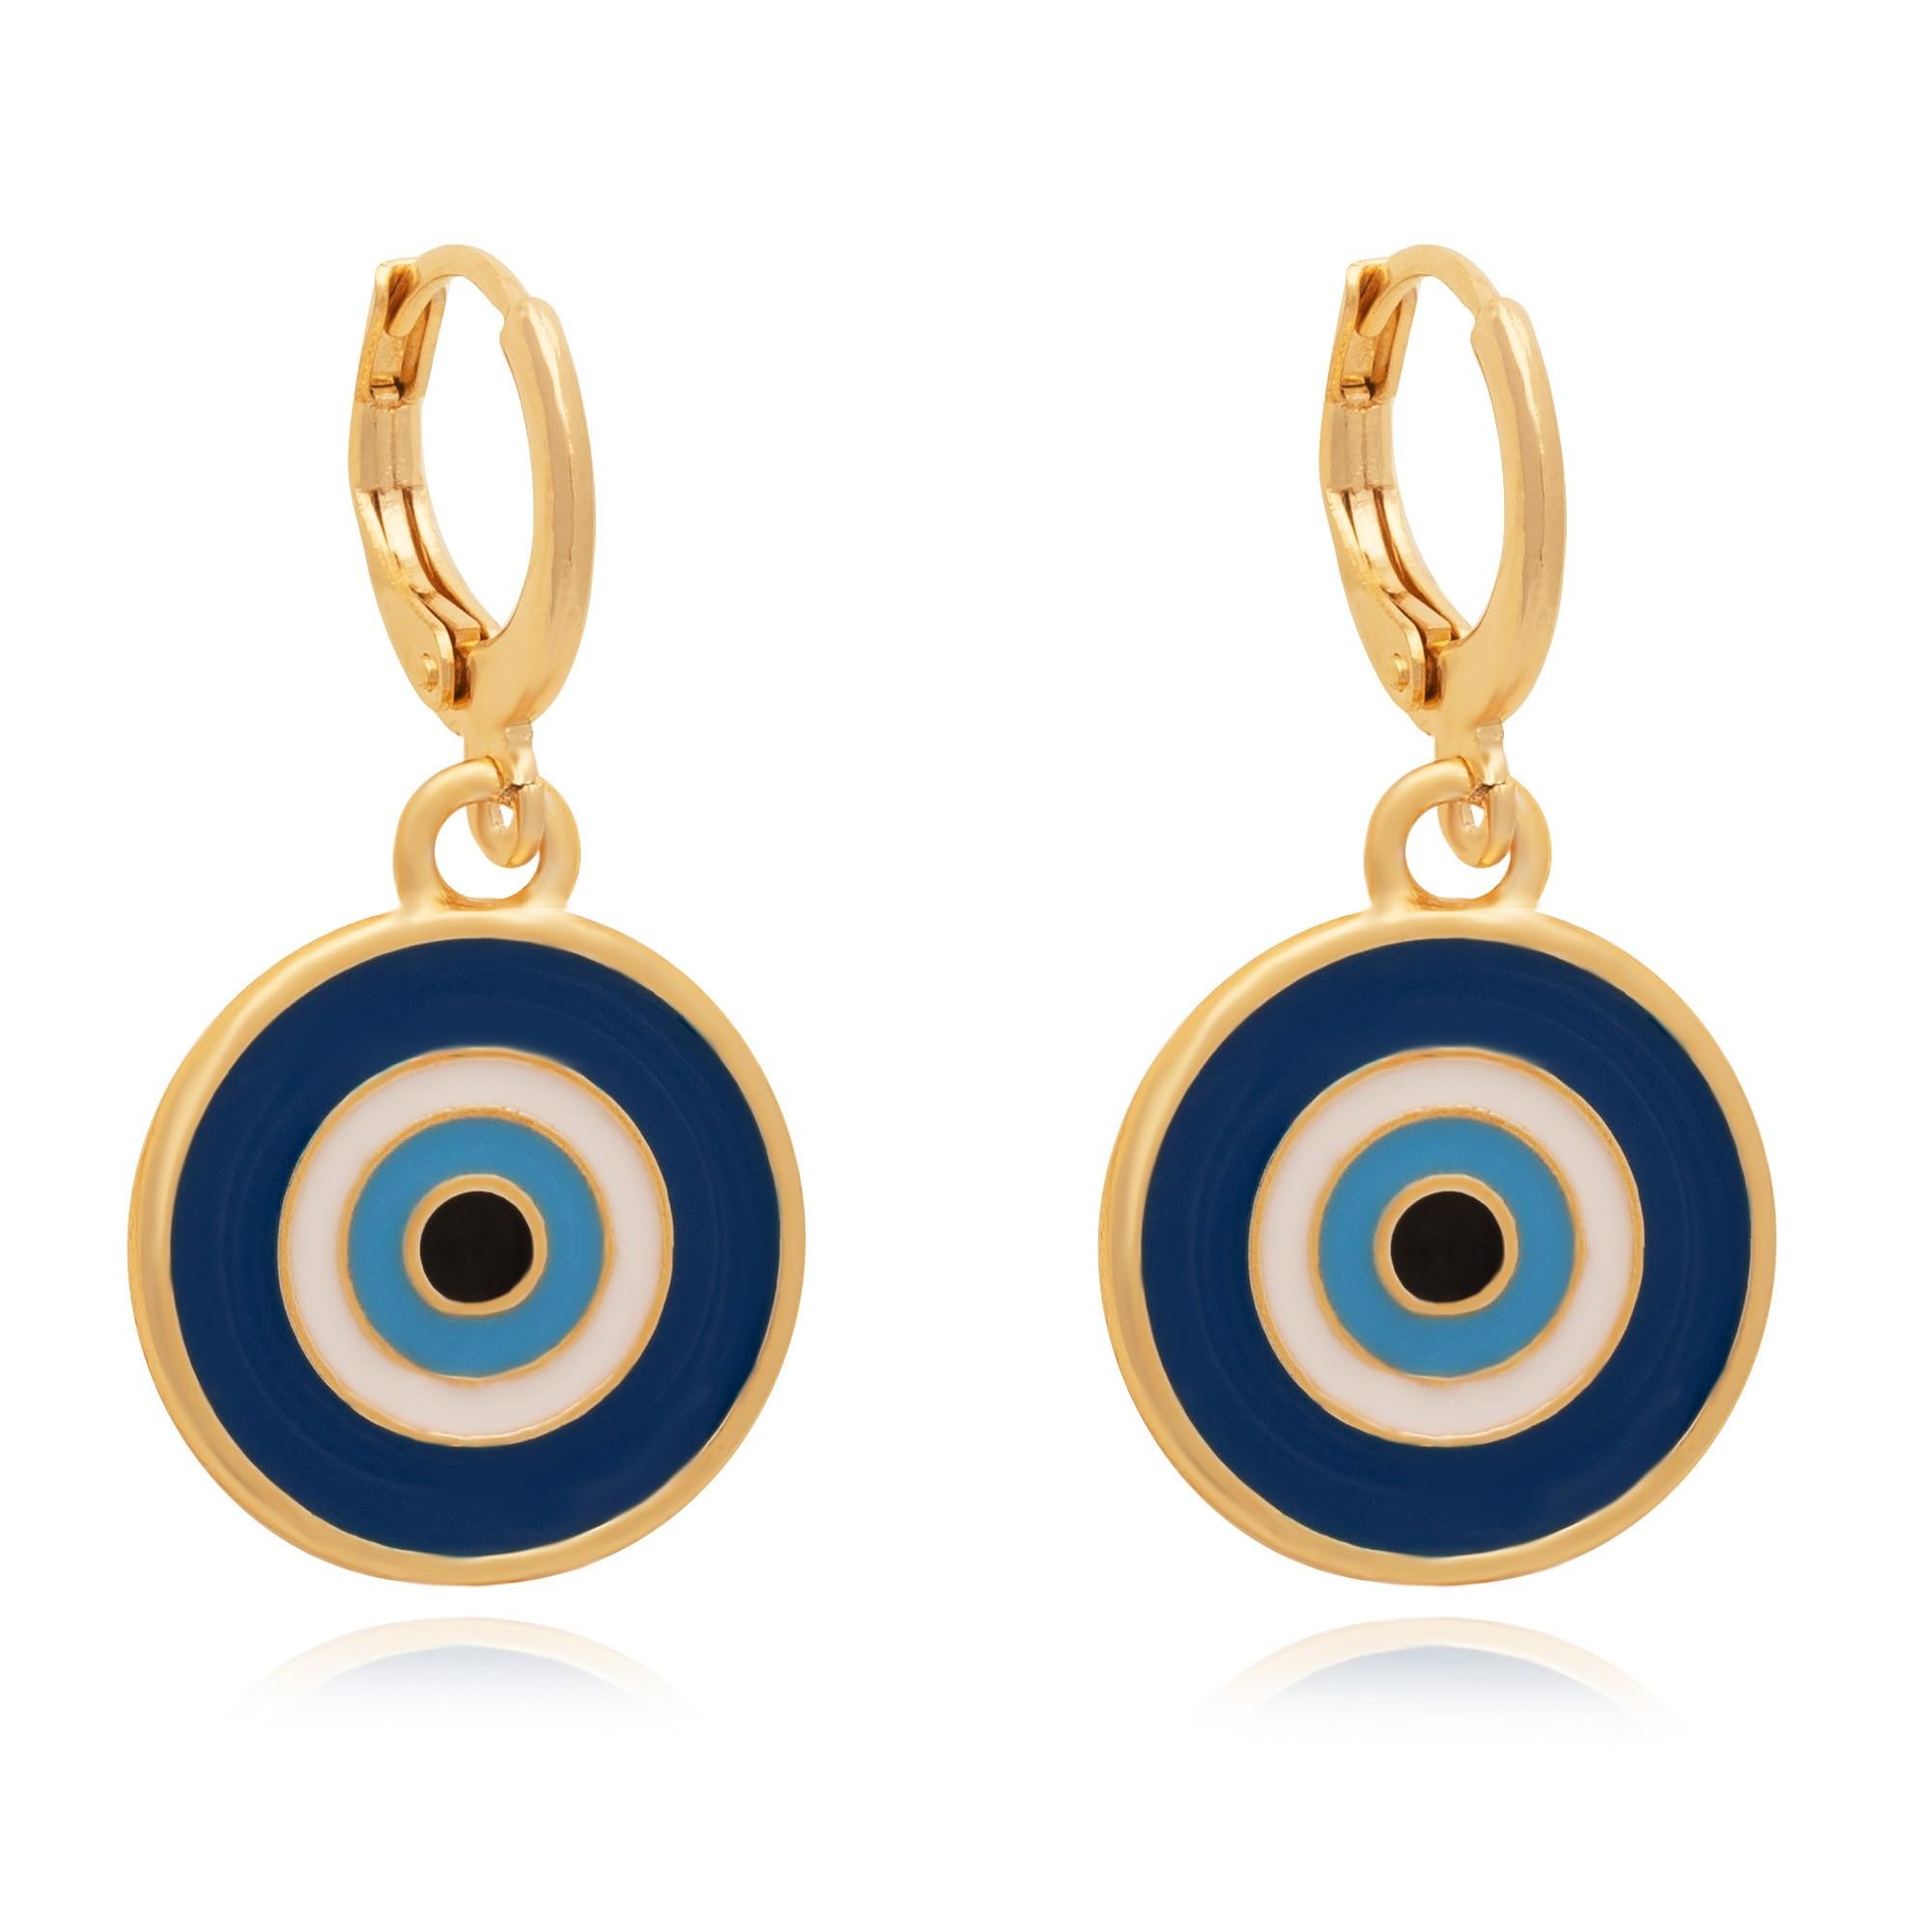 Brinco de argola olho grego resinado em azul banhado à 18k.  - bfdecor.com.br